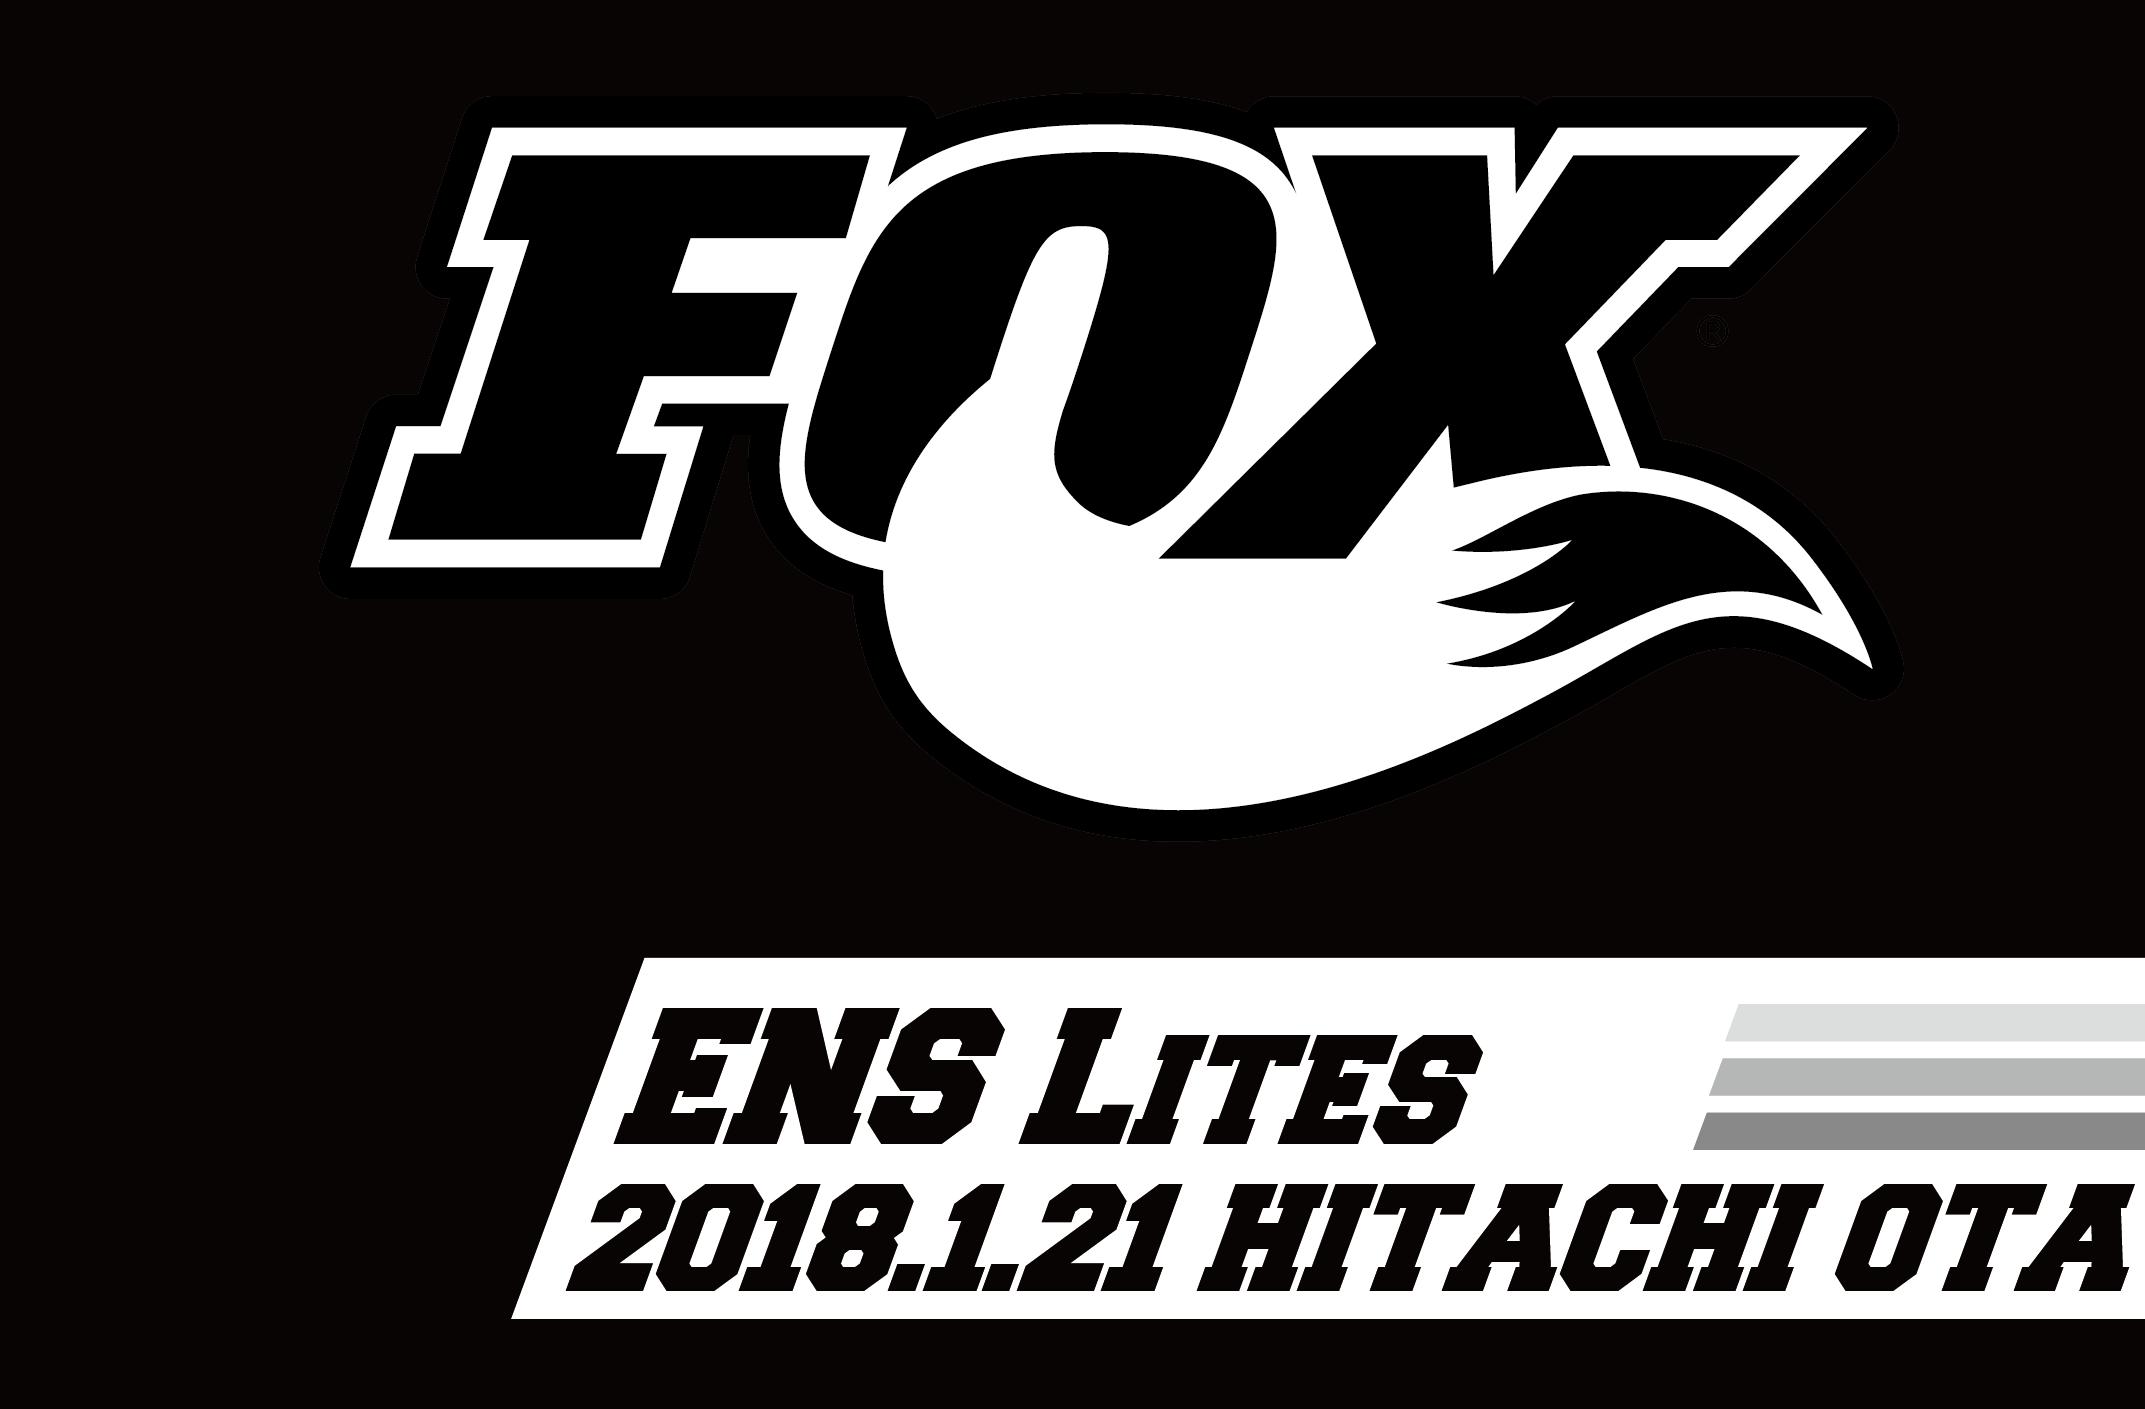 Enduro National Series Hitachi Ota エンデューロナショナルシリーズ 常陸太田